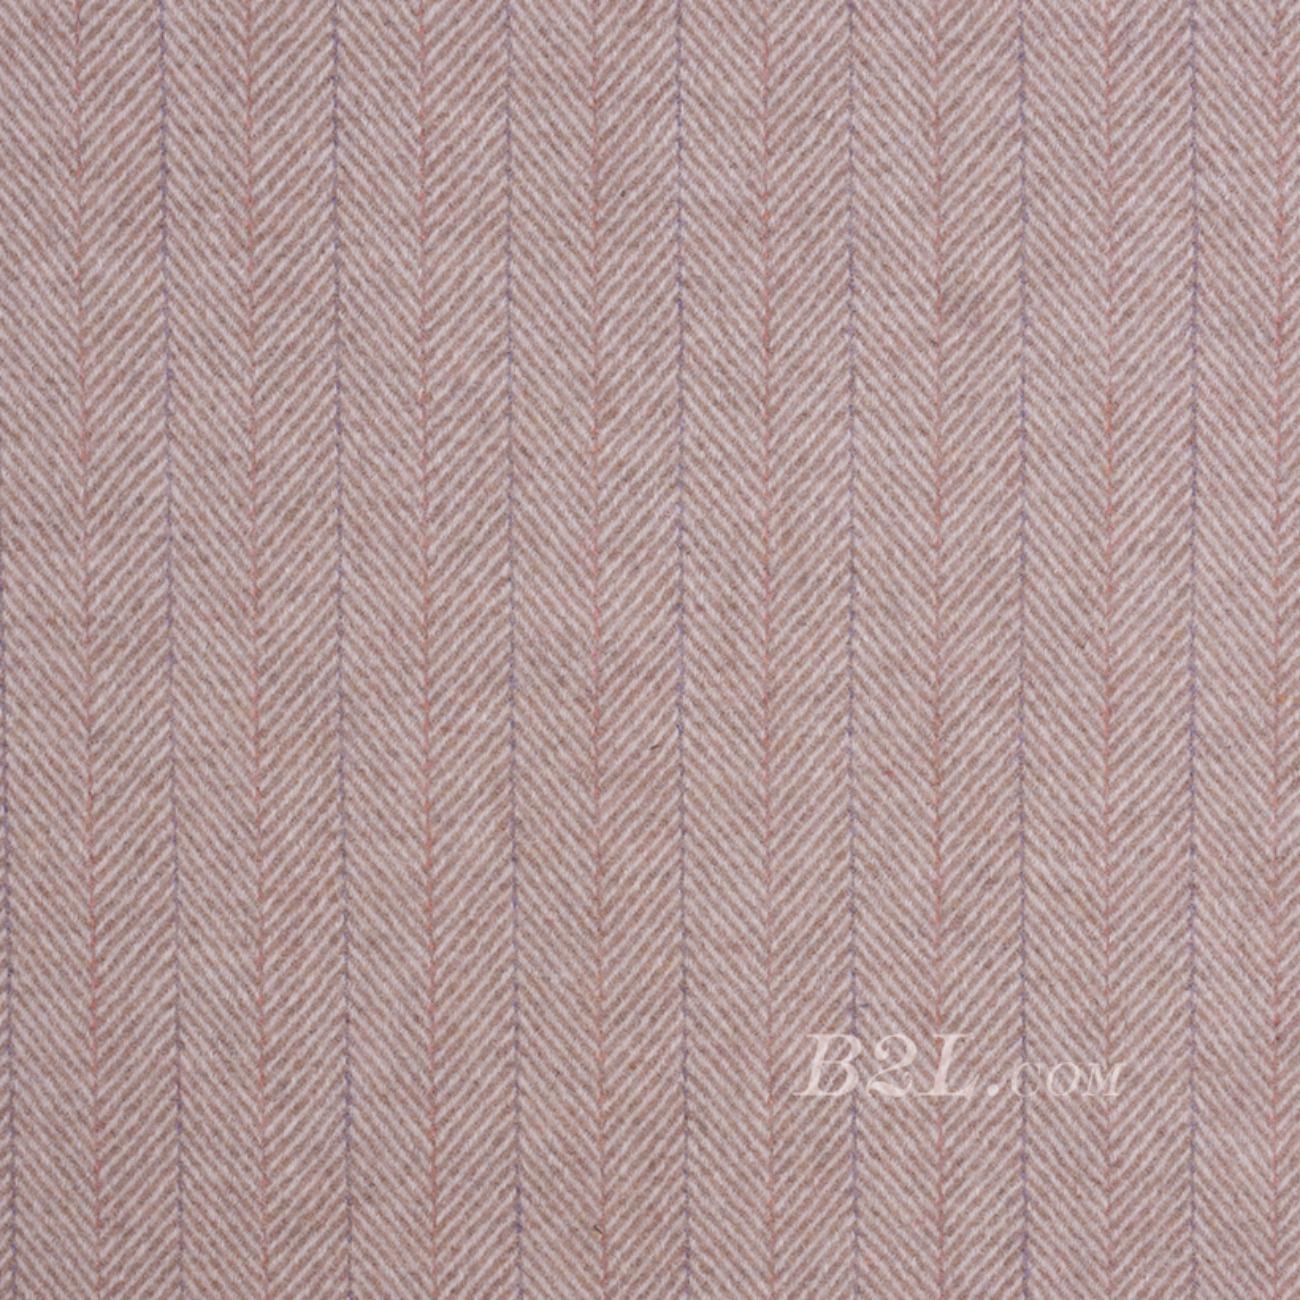 毛纺 条子 提花 人字 彩条 羊毛 无弹 绒感 秋冬 大衣 外套  80715-5